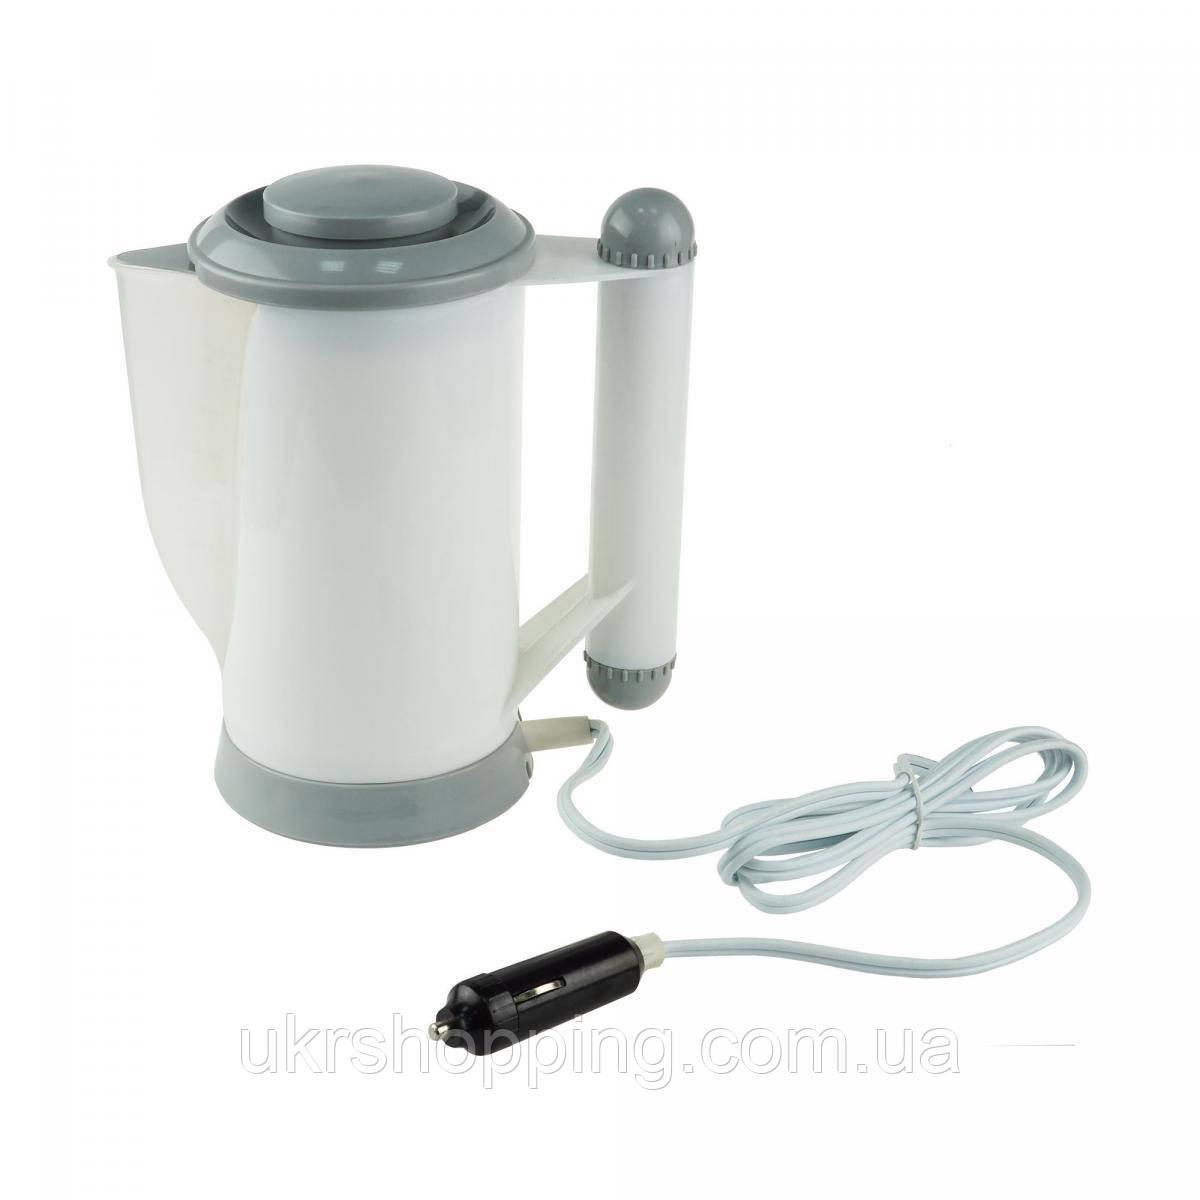 Автомобільний чайник, від прикурювача, 12в,700мл білий, чайник автомобільний,Water Kettle в машину